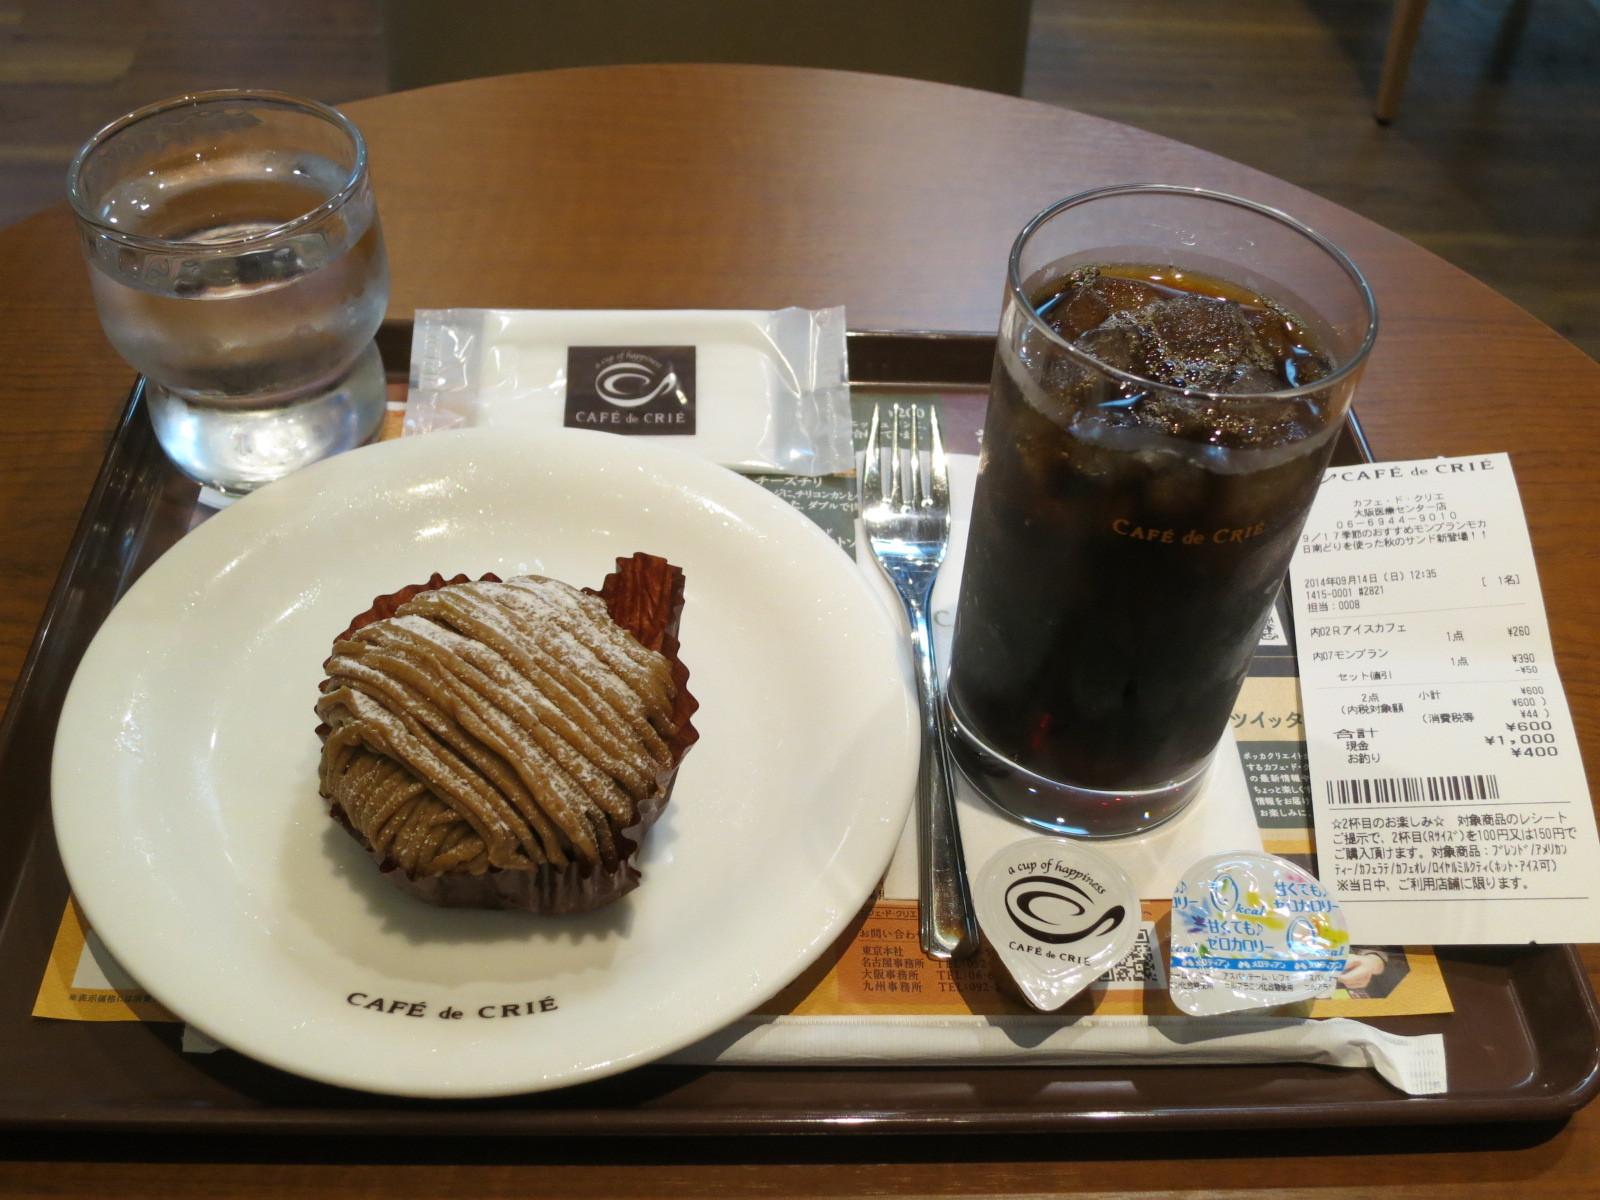 カフェ ド クリエ 大阪医療センター